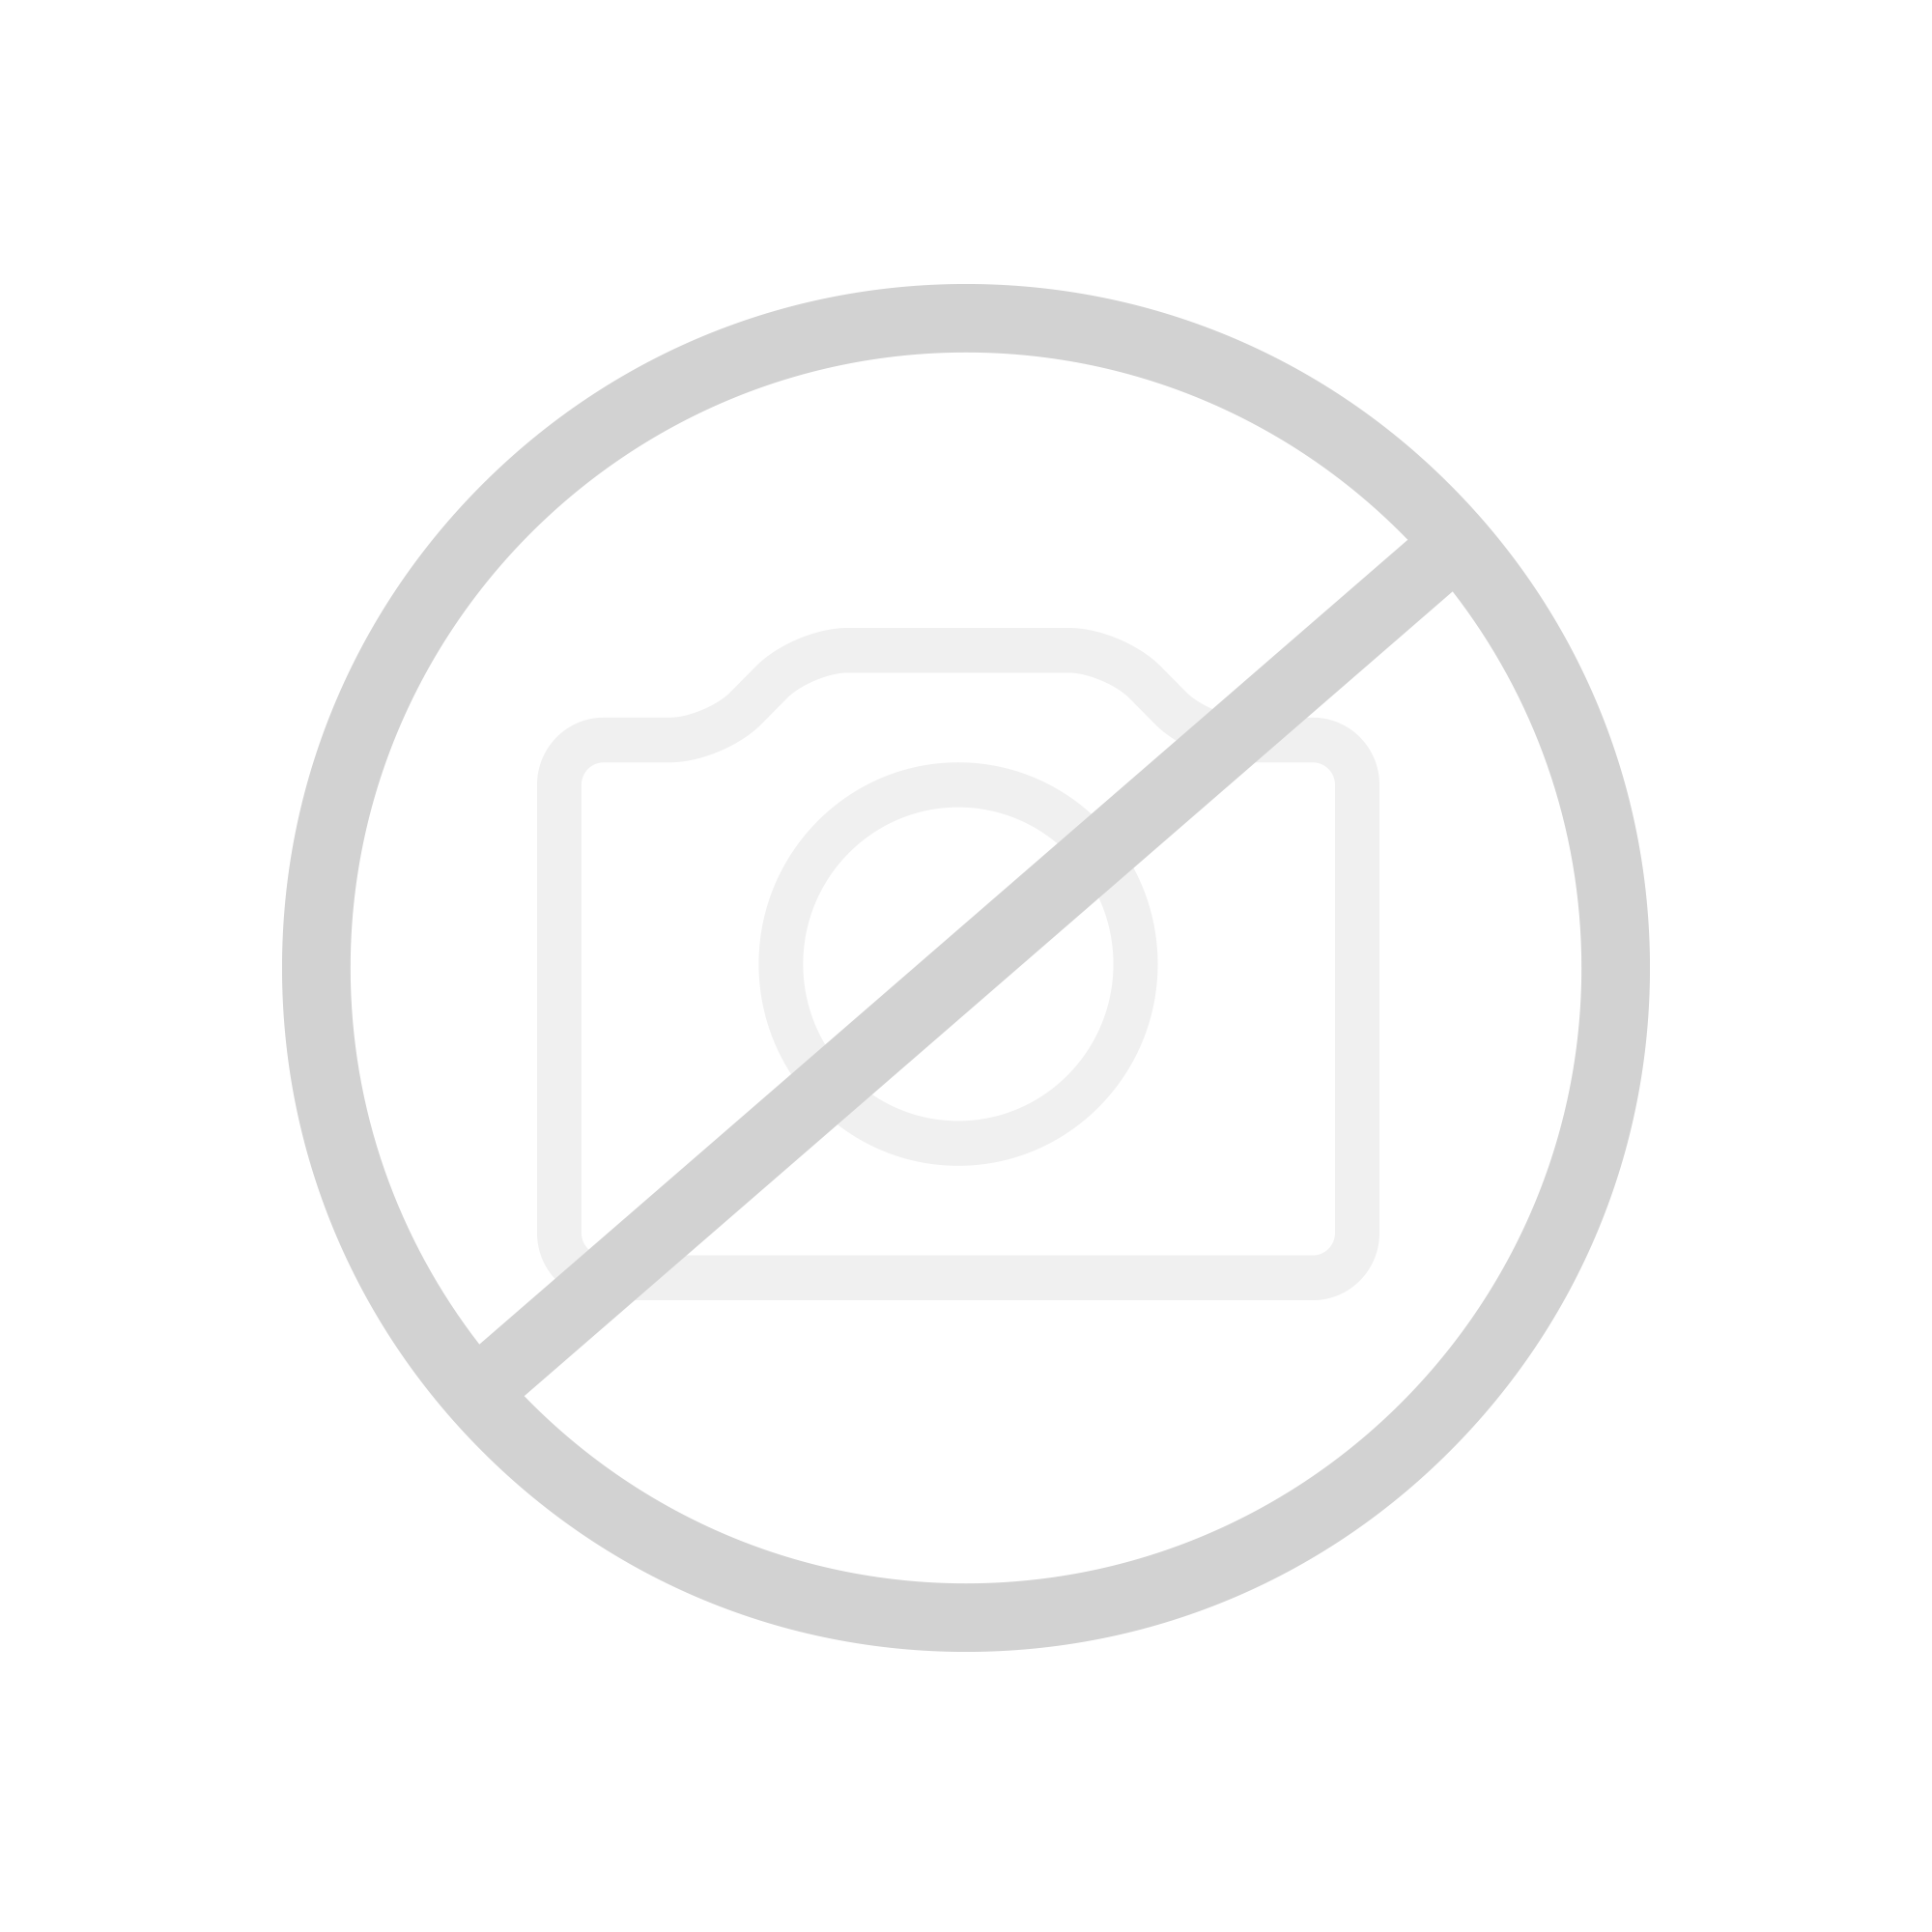 waschbeckenarmaturen kaufen im reuter onlineshop. Black Bedroom Furniture Sets. Home Design Ideas